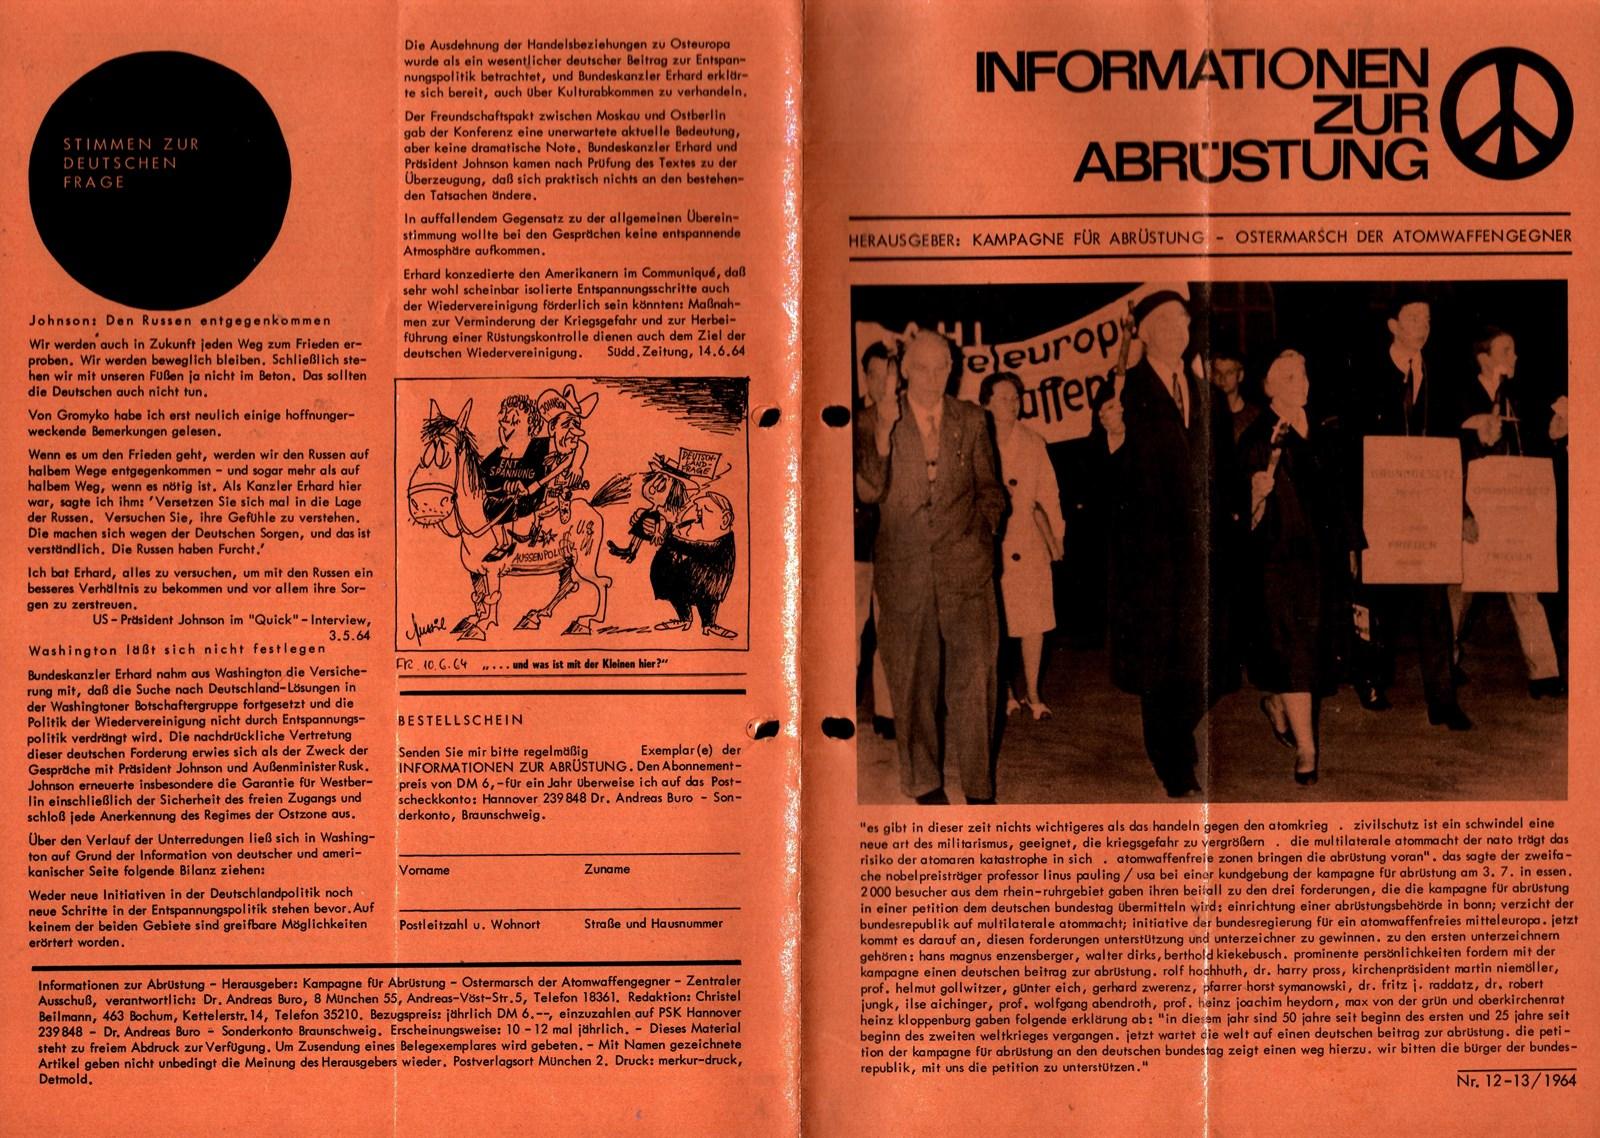 Infos_zur_Abruestung_1964_012_013_001